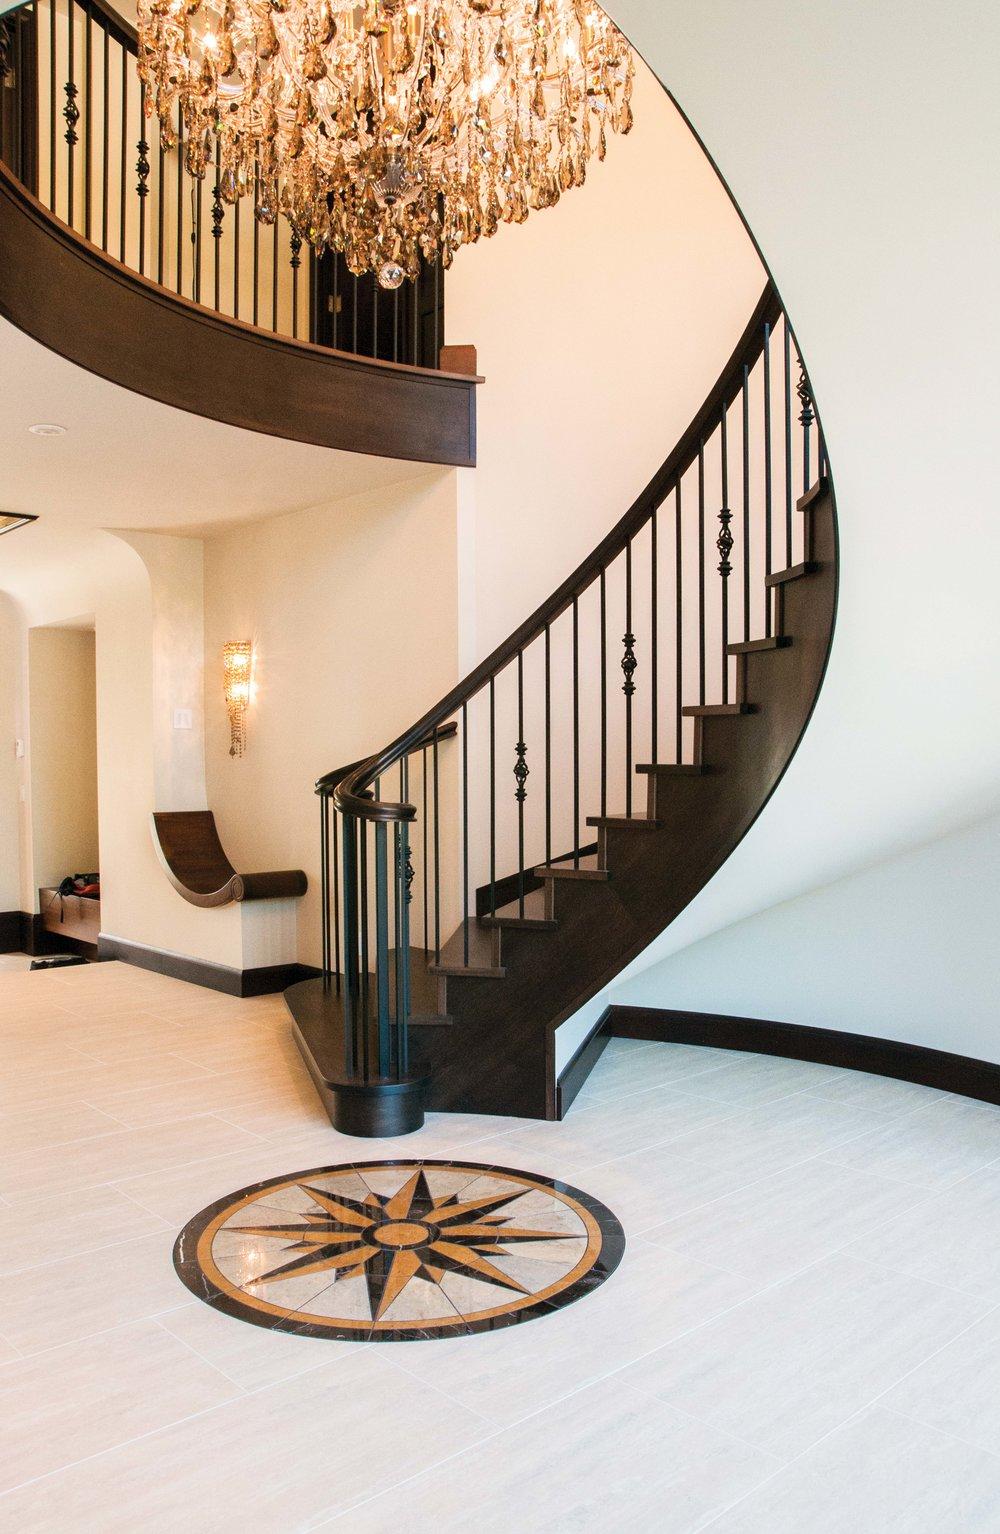 門廳處線條流暢的樓梯和依據牆壁線條建造的長凳。地面上鑲嵌出的圓形圖案與巨大的Schonbek水晶吊燈相映成趣,盡顯優雅華麗。